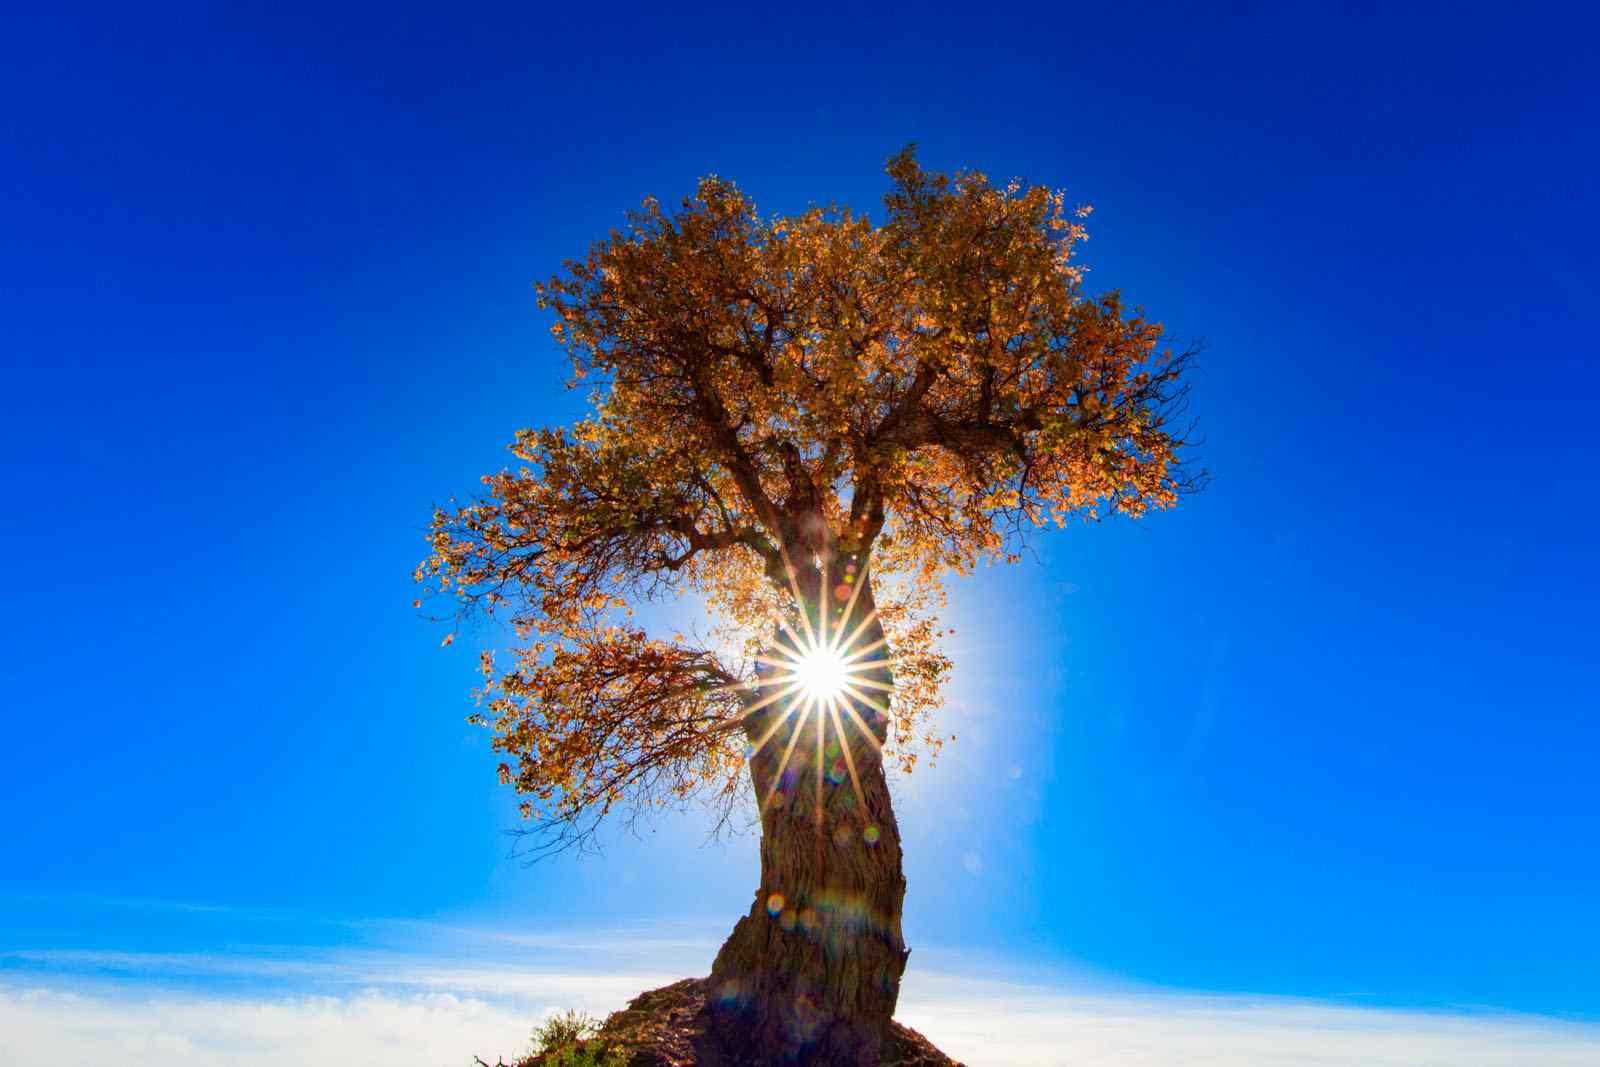 桌面大树壁纸_眼光下唯美大树风景图片桌面壁纸 -桌面天下(Desktx.com)